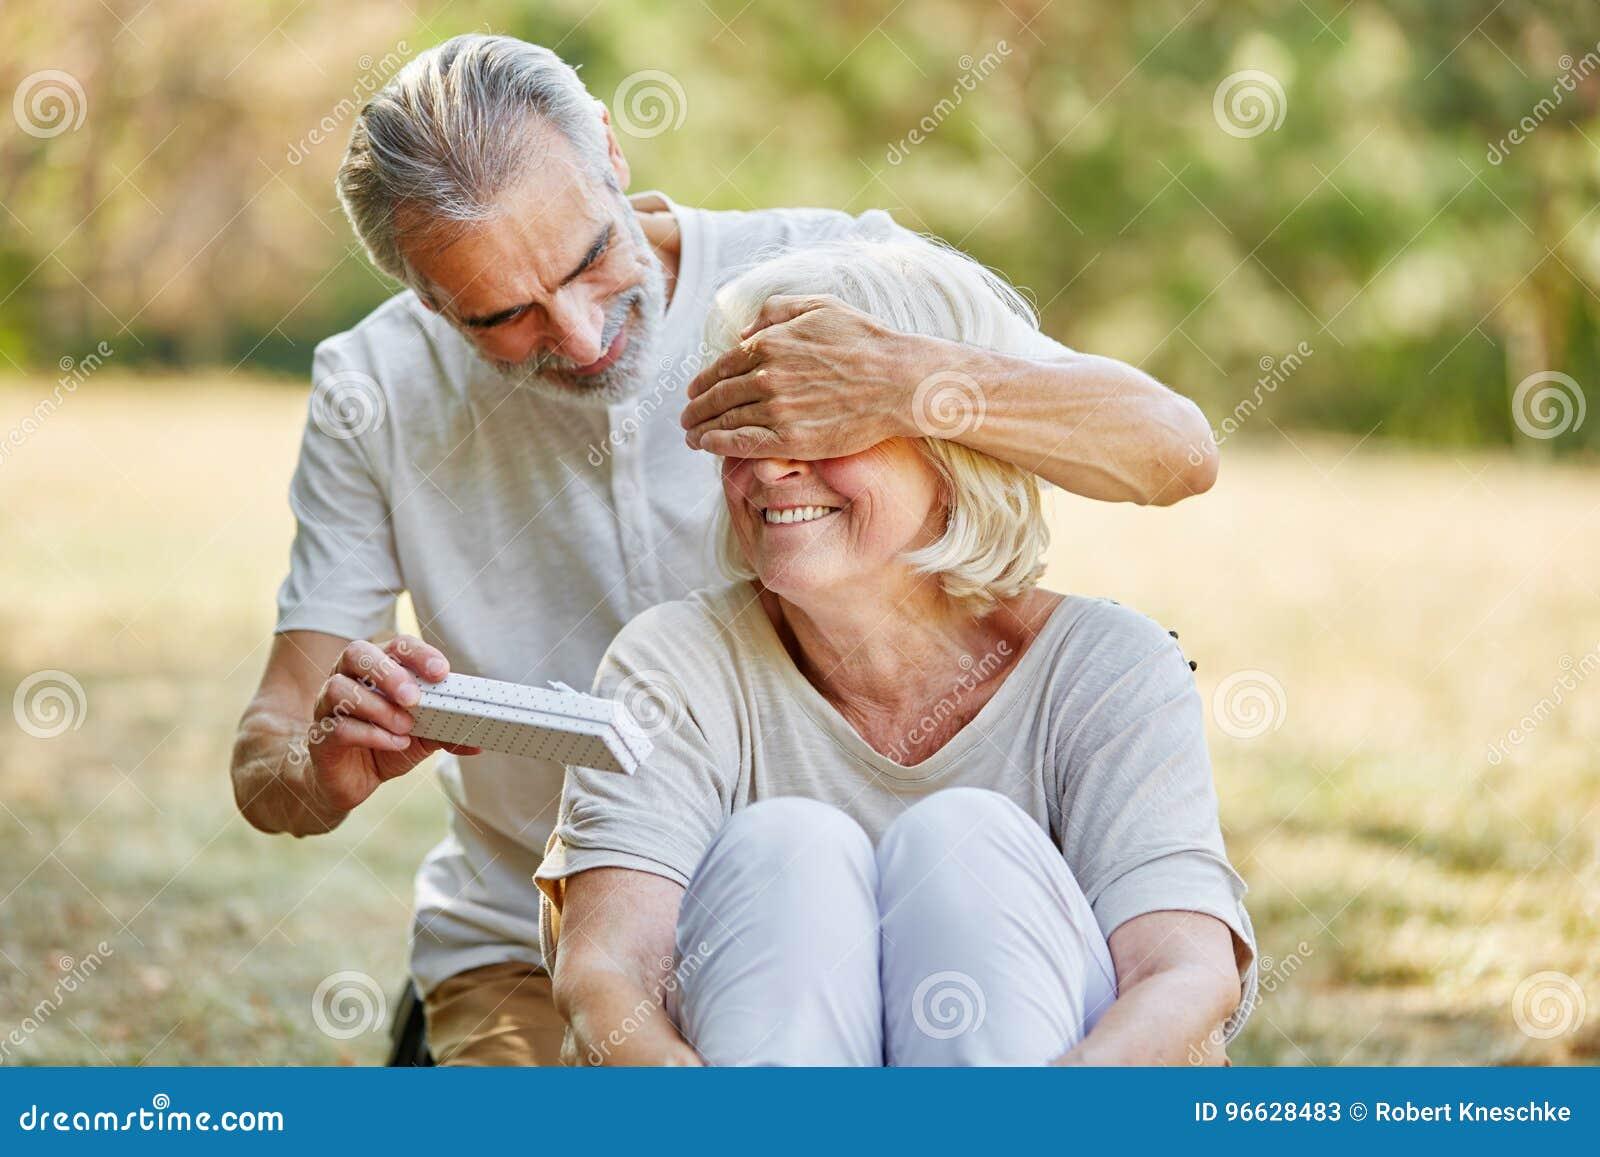 Oude Man Verrassingenvrouw Met Een Gift Stock Afbeelding